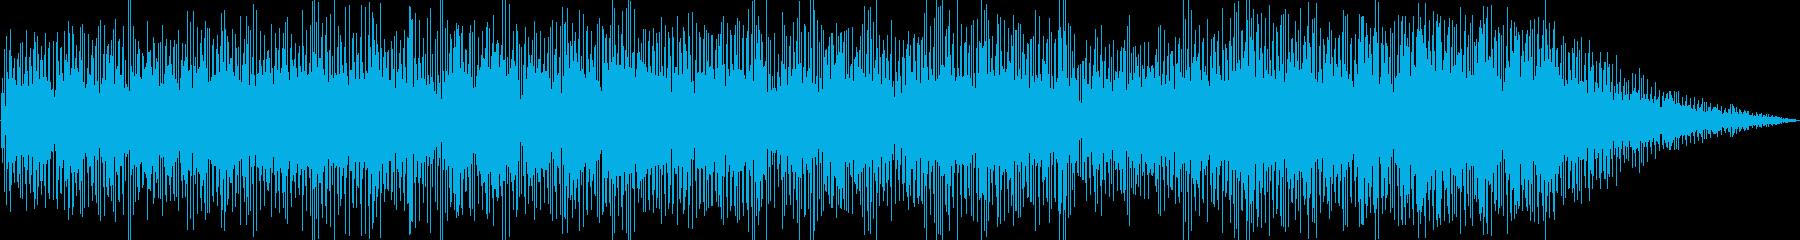 ソプラノサックスのメロディが可愛いボサの再生済みの波形